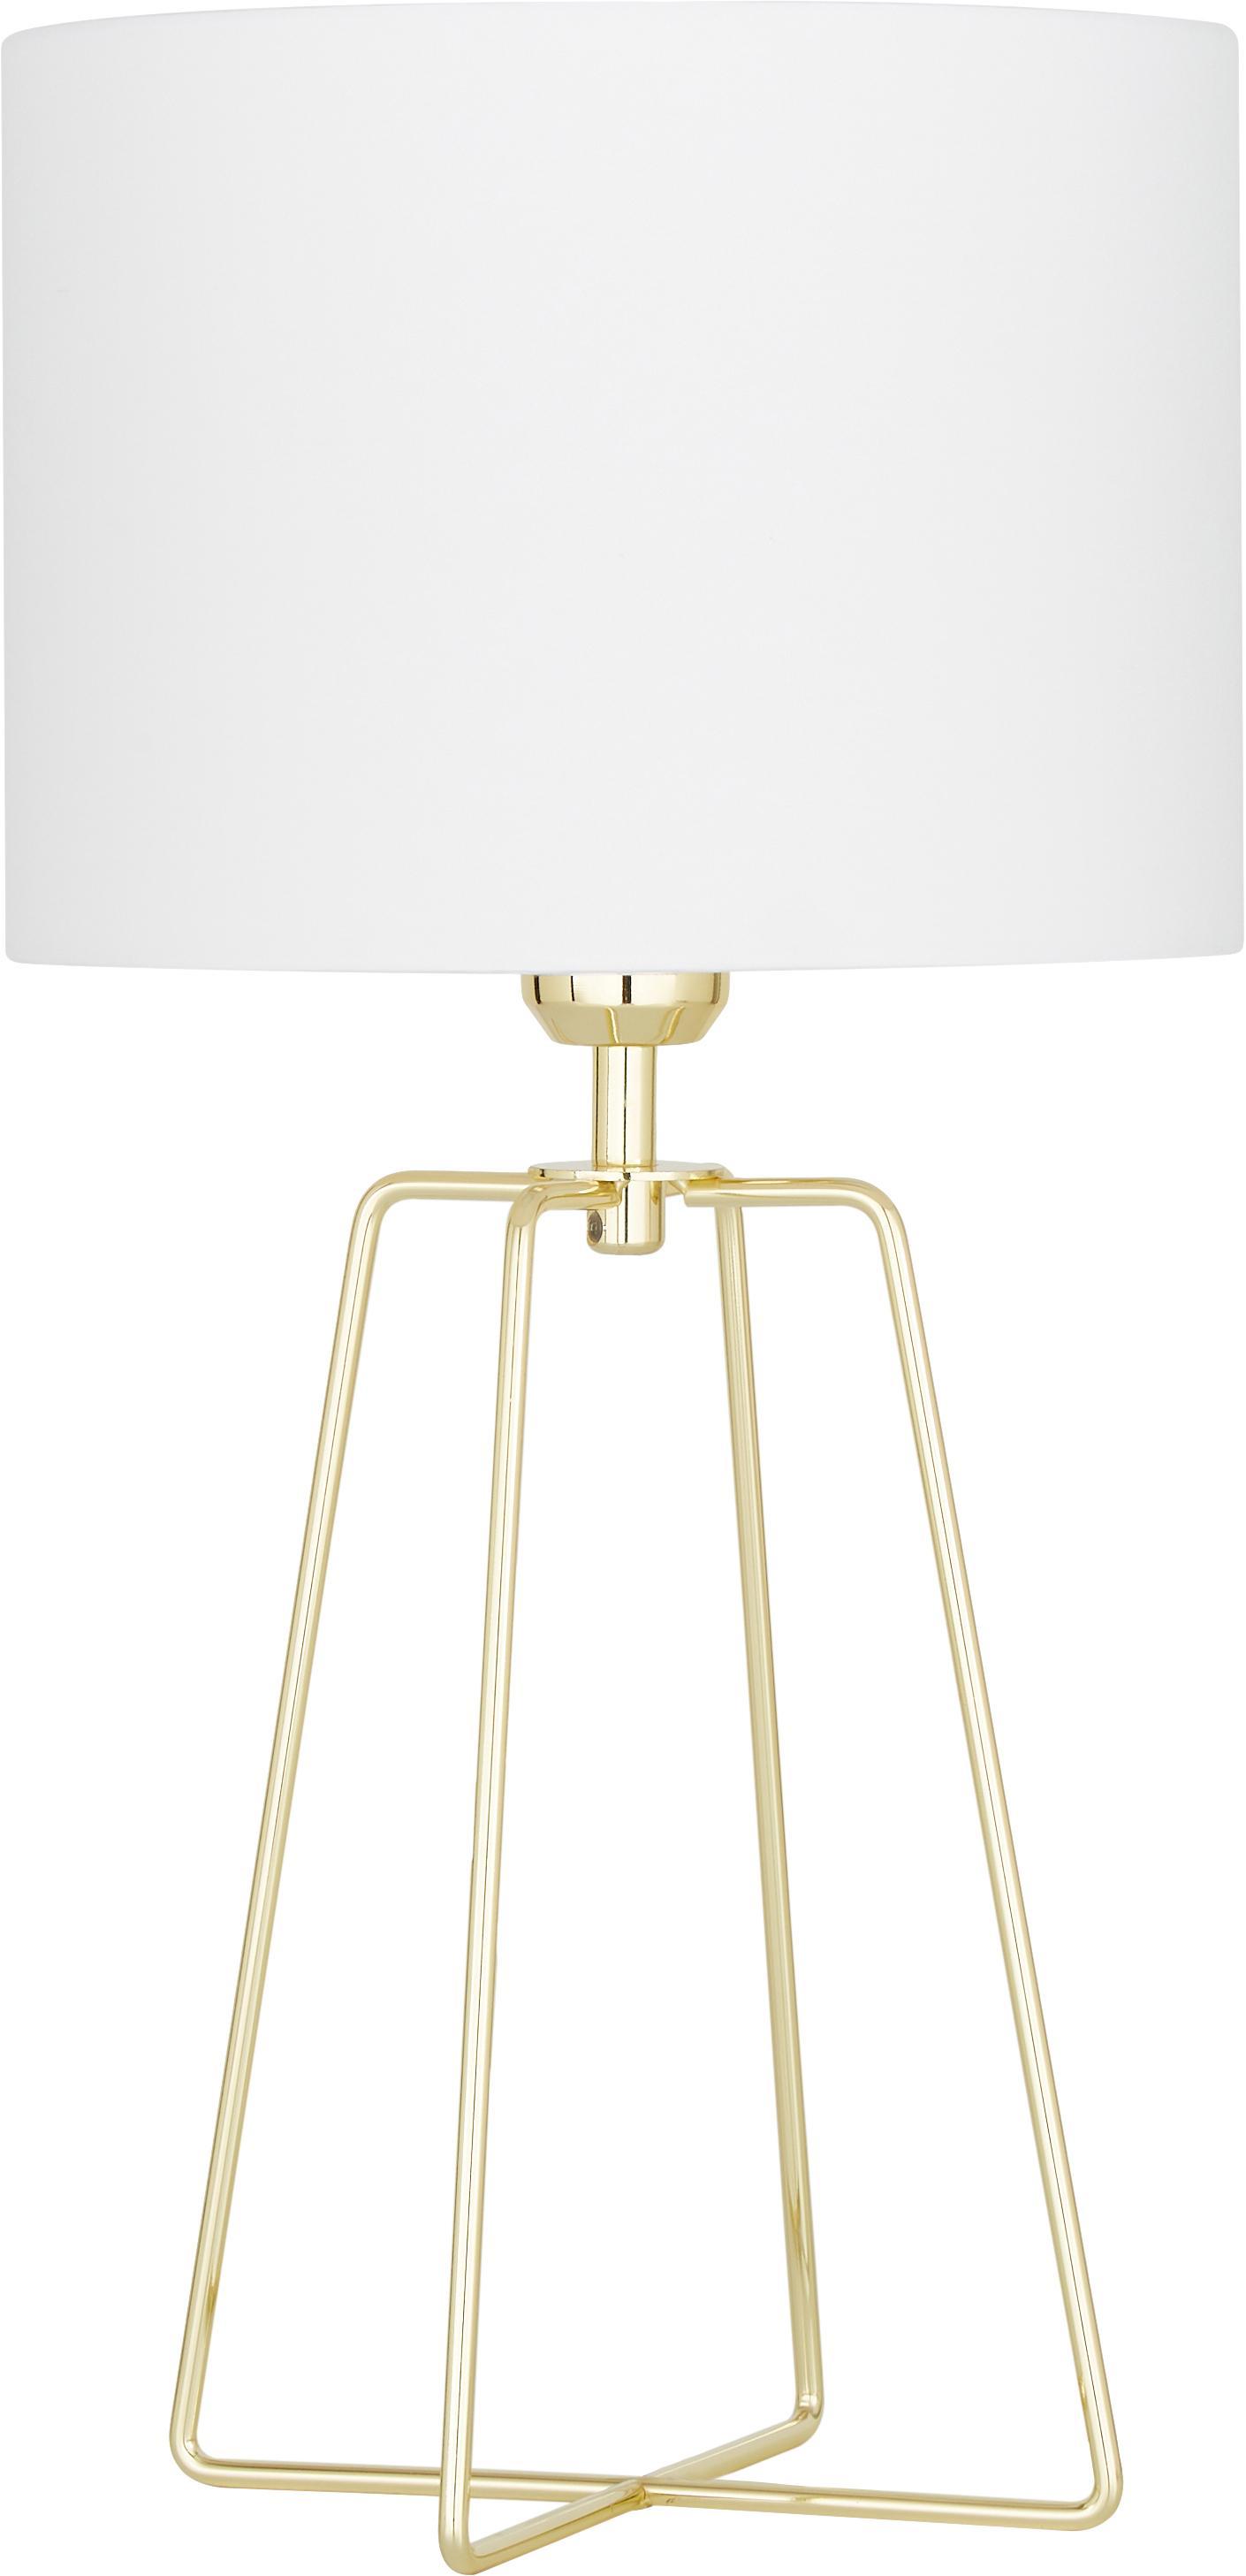 Tischlampe Karolina mit goldenem Lampenfuss, Lampenschirm: Baumwolle, Weiss, Gold, Ø 25 x H 49 cm